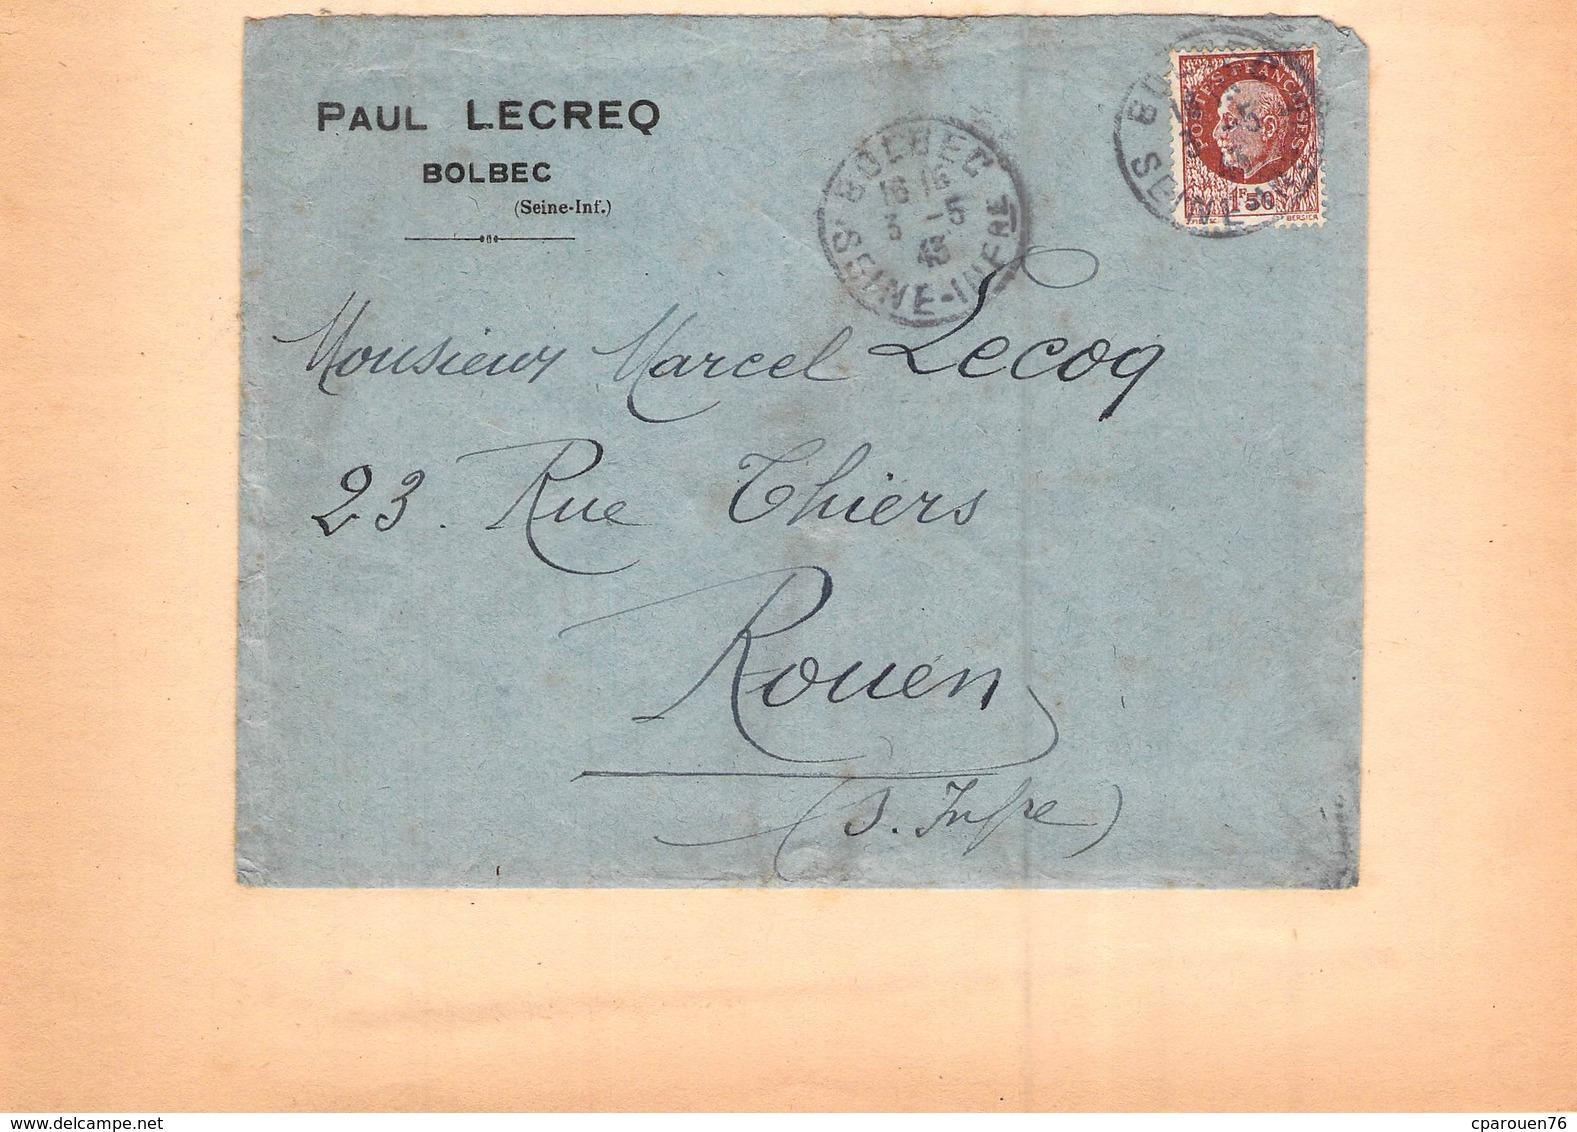 Enveloppe Publicitaire  PAUL LECREQ BOLBEC SEINE INFERIEURE 1943  76 TIMBRE - Alimentare